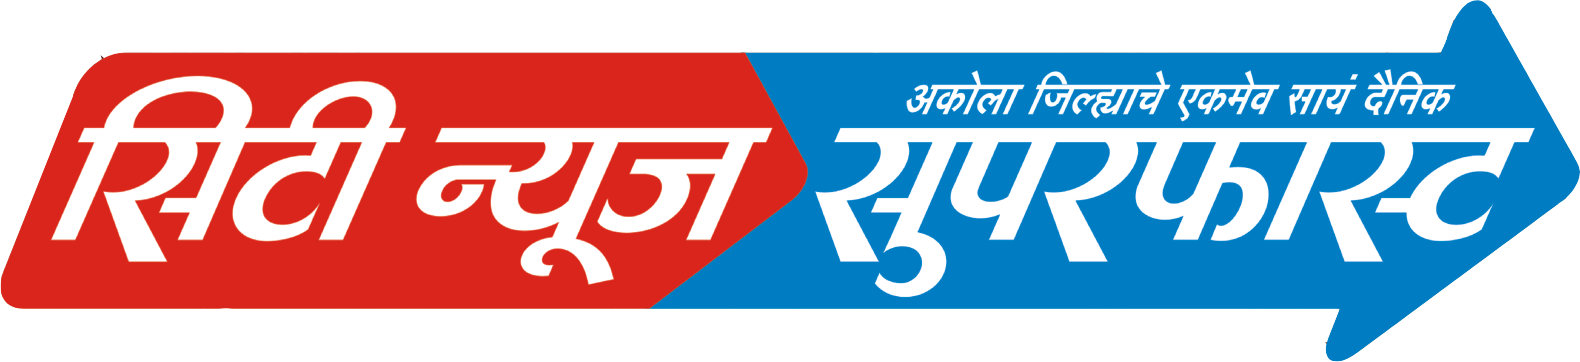 marathi dialog lai bhari holidays oo